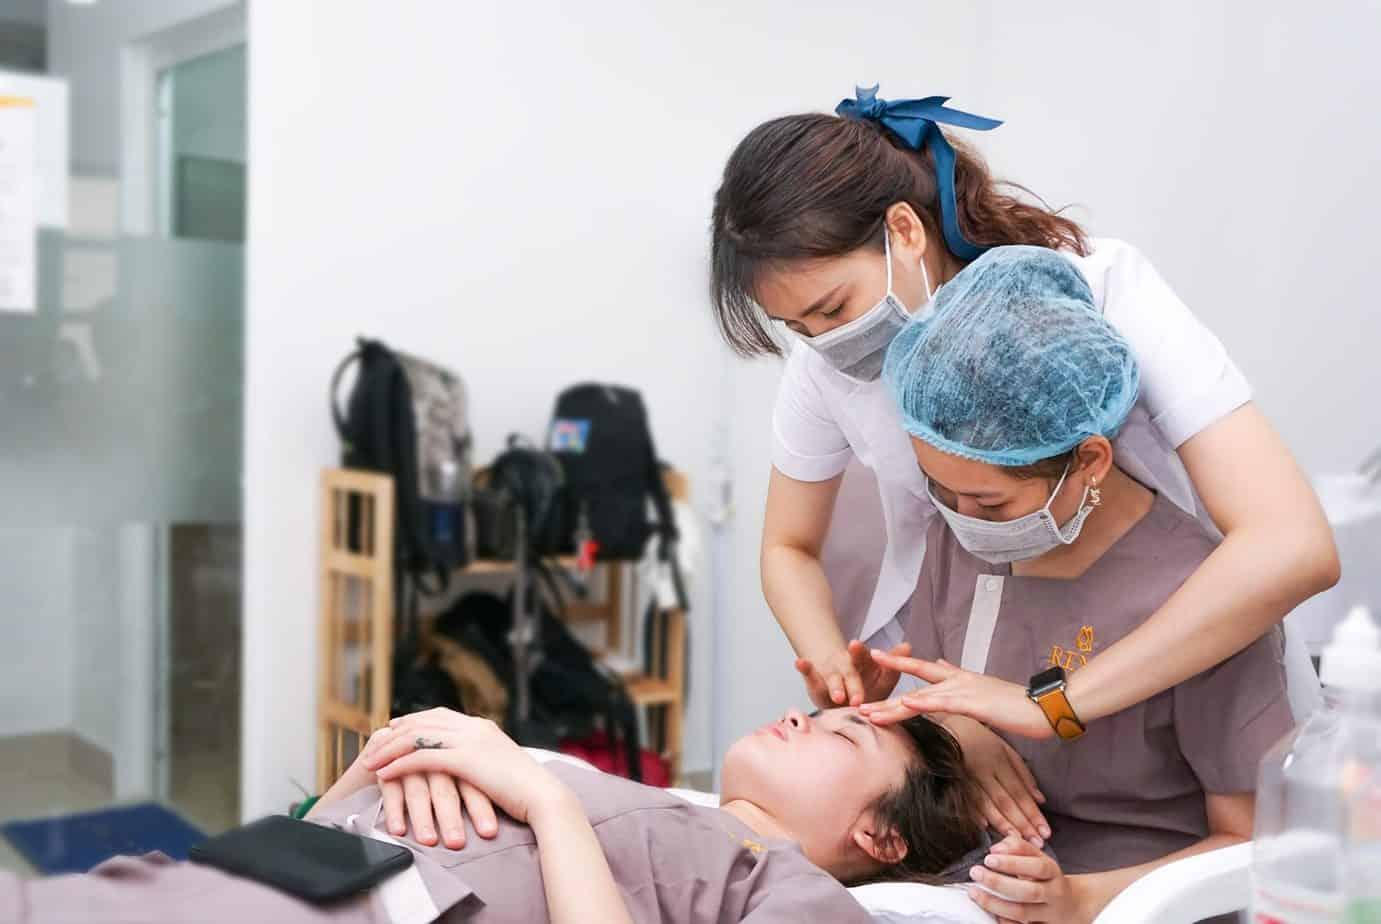 Top 6 Địa Chỉ Dạy Chăm Sóc Da Chuyên Nghiệp Quận Gò Vấp và Quận Bình Thạnh -  - ANA Beauty Academy | BQ Academy | Học viện Shiva Spa 17